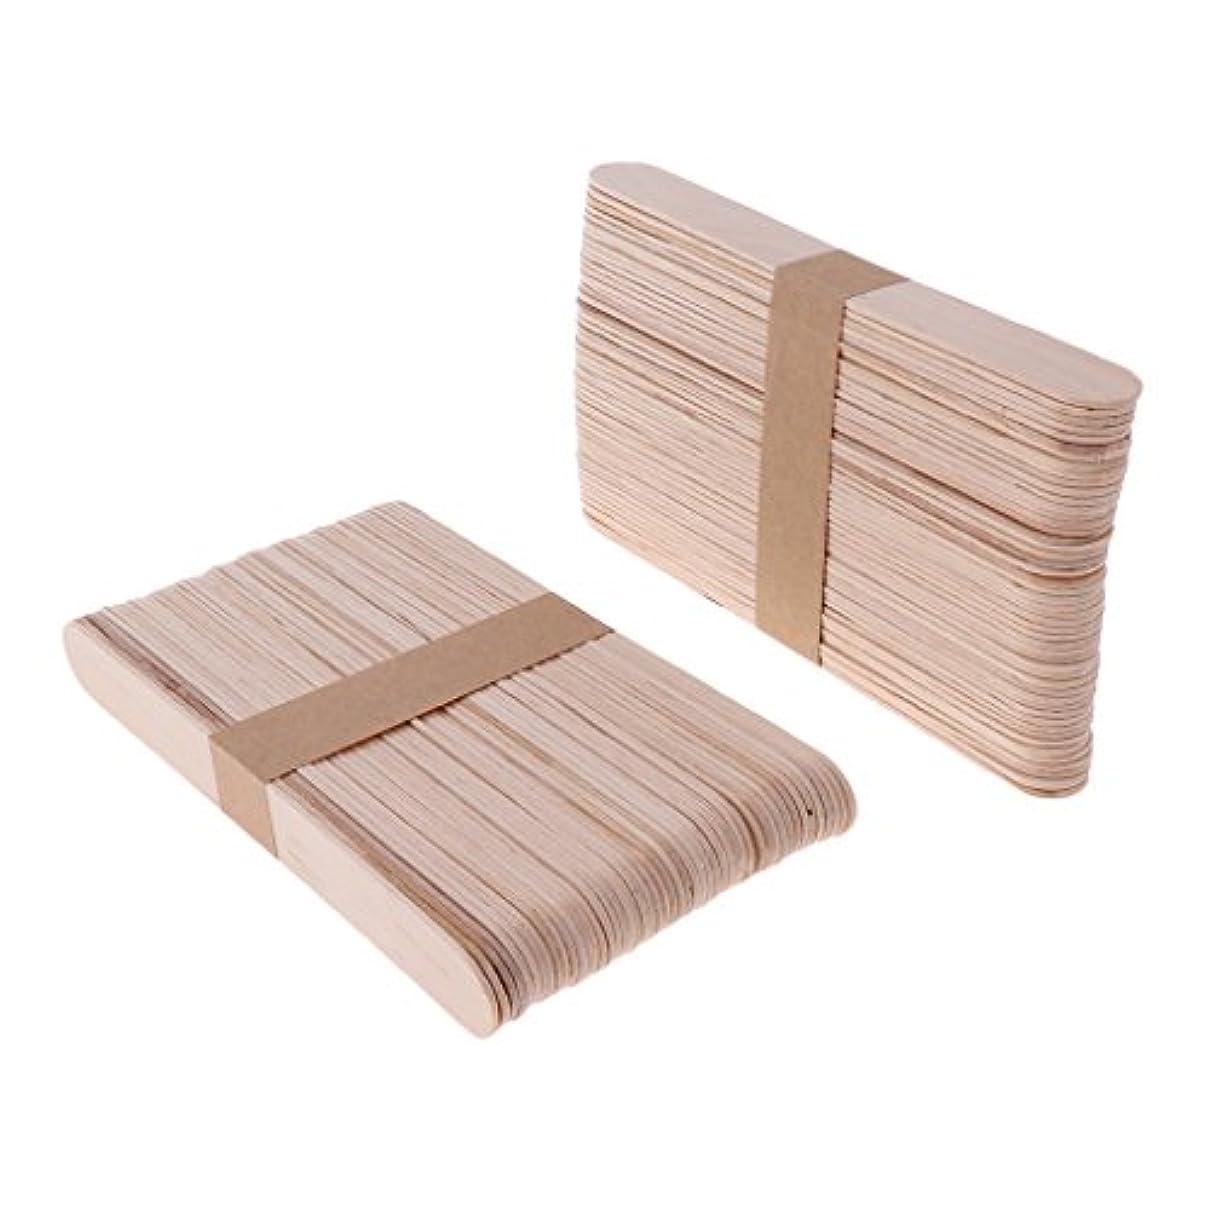 殺人明日先に木材スティック 脱毛 ワックス用 体毛除去 ウッド ワックススパチュラ 便利 200個 2サイズ - L